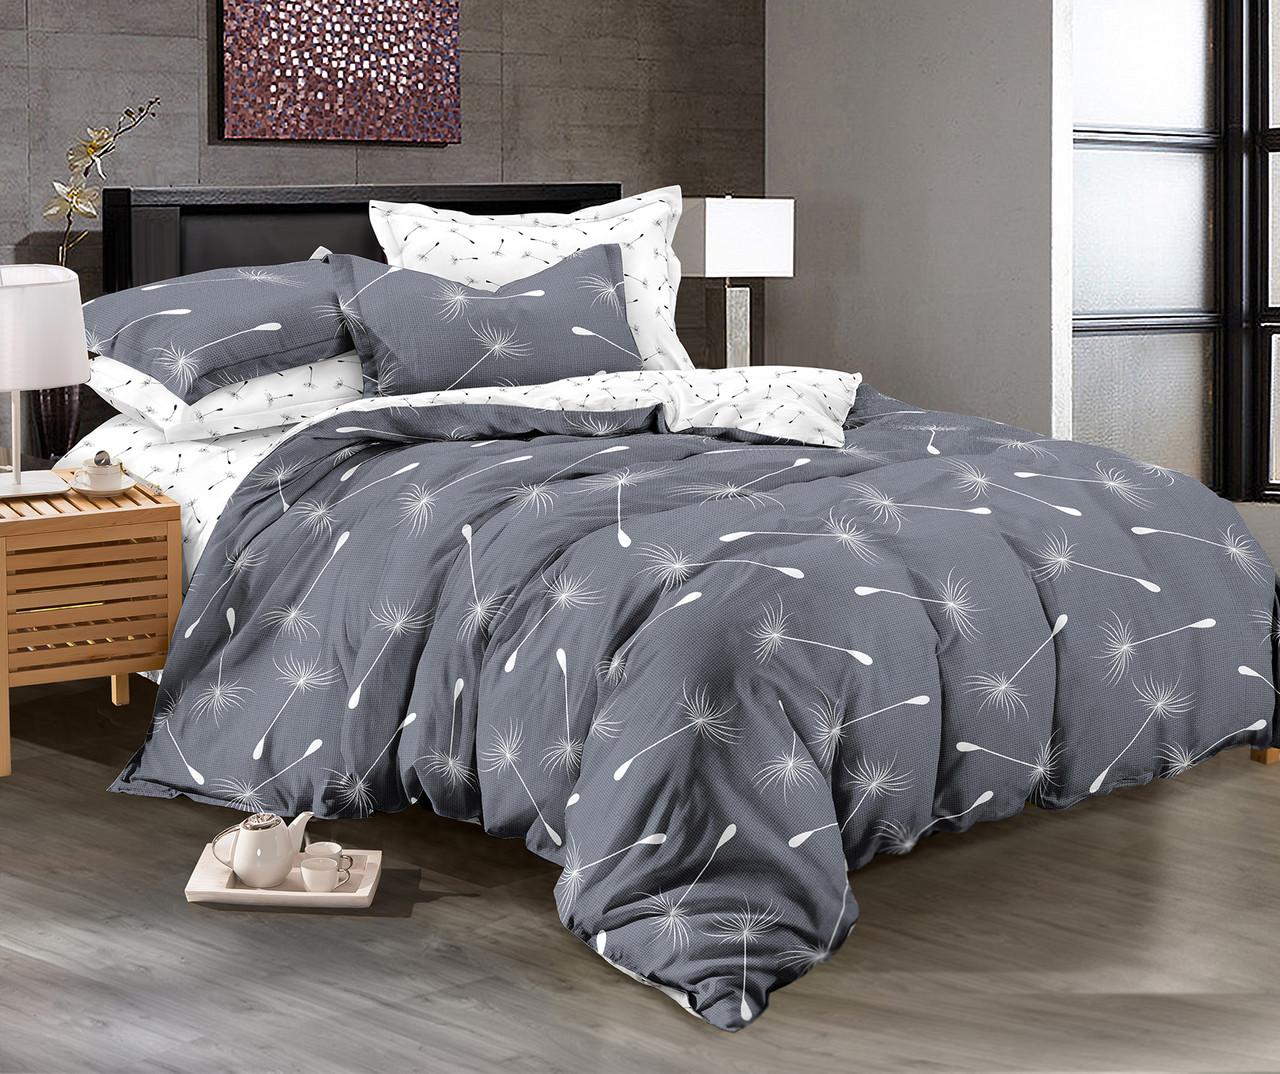 Двуспальный комплект постельного белья евро 200*220 сатин (11375) TM КРИСПОЛ Украина